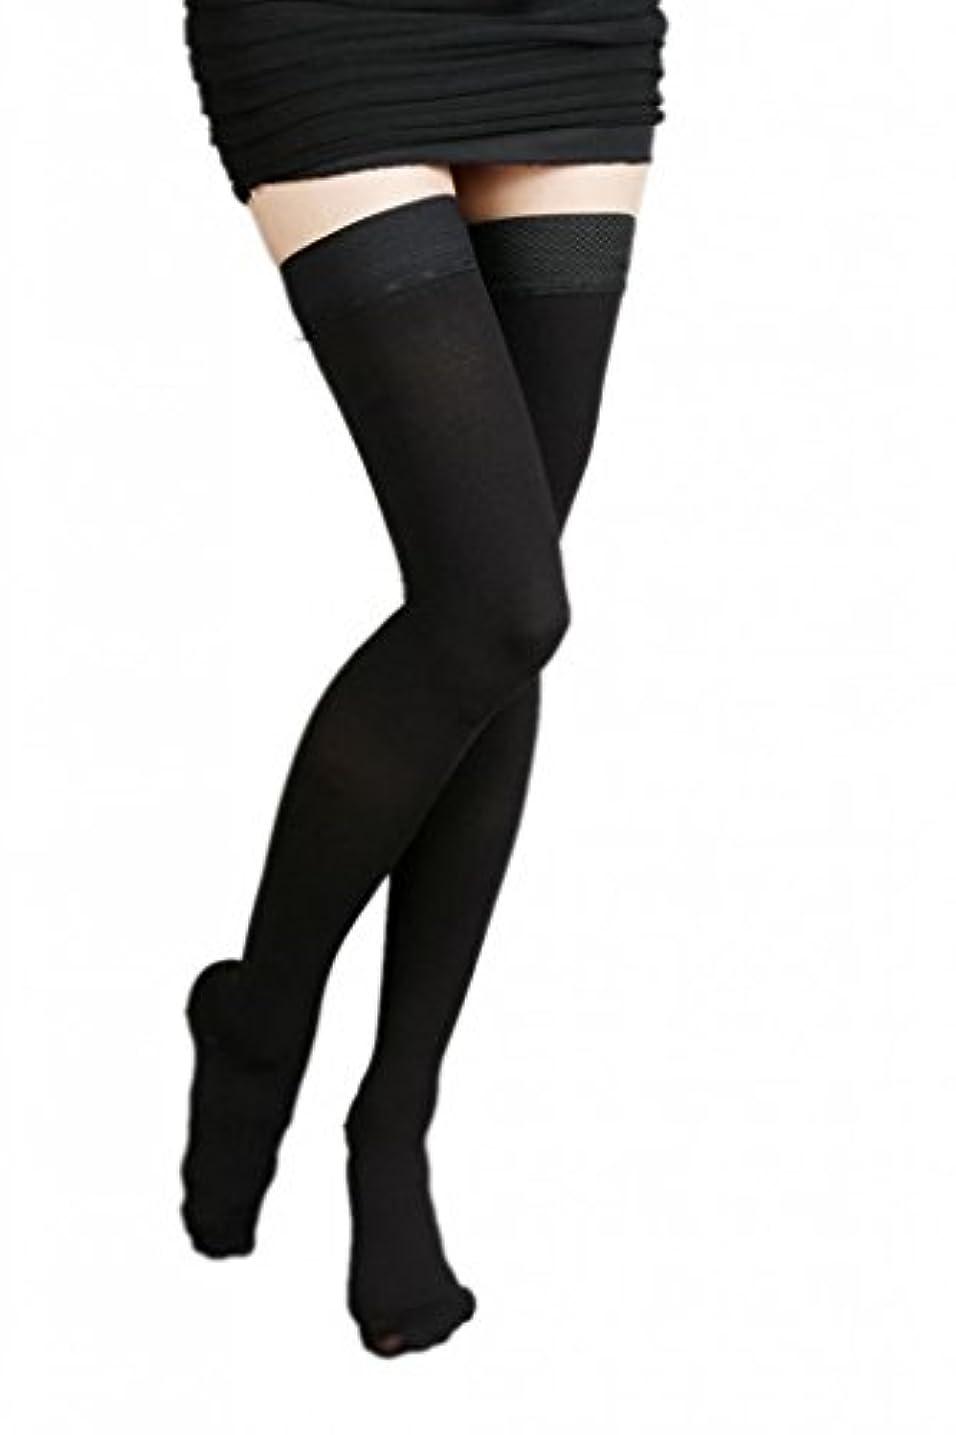 電話をかけるクラフト召集する(ラボーグ)La Vogue 美脚 着圧オーバーニーソックス ハイソックス 靴下 弾性ストッキング つま先あり着圧ソックス XL 2級中圧 黒色